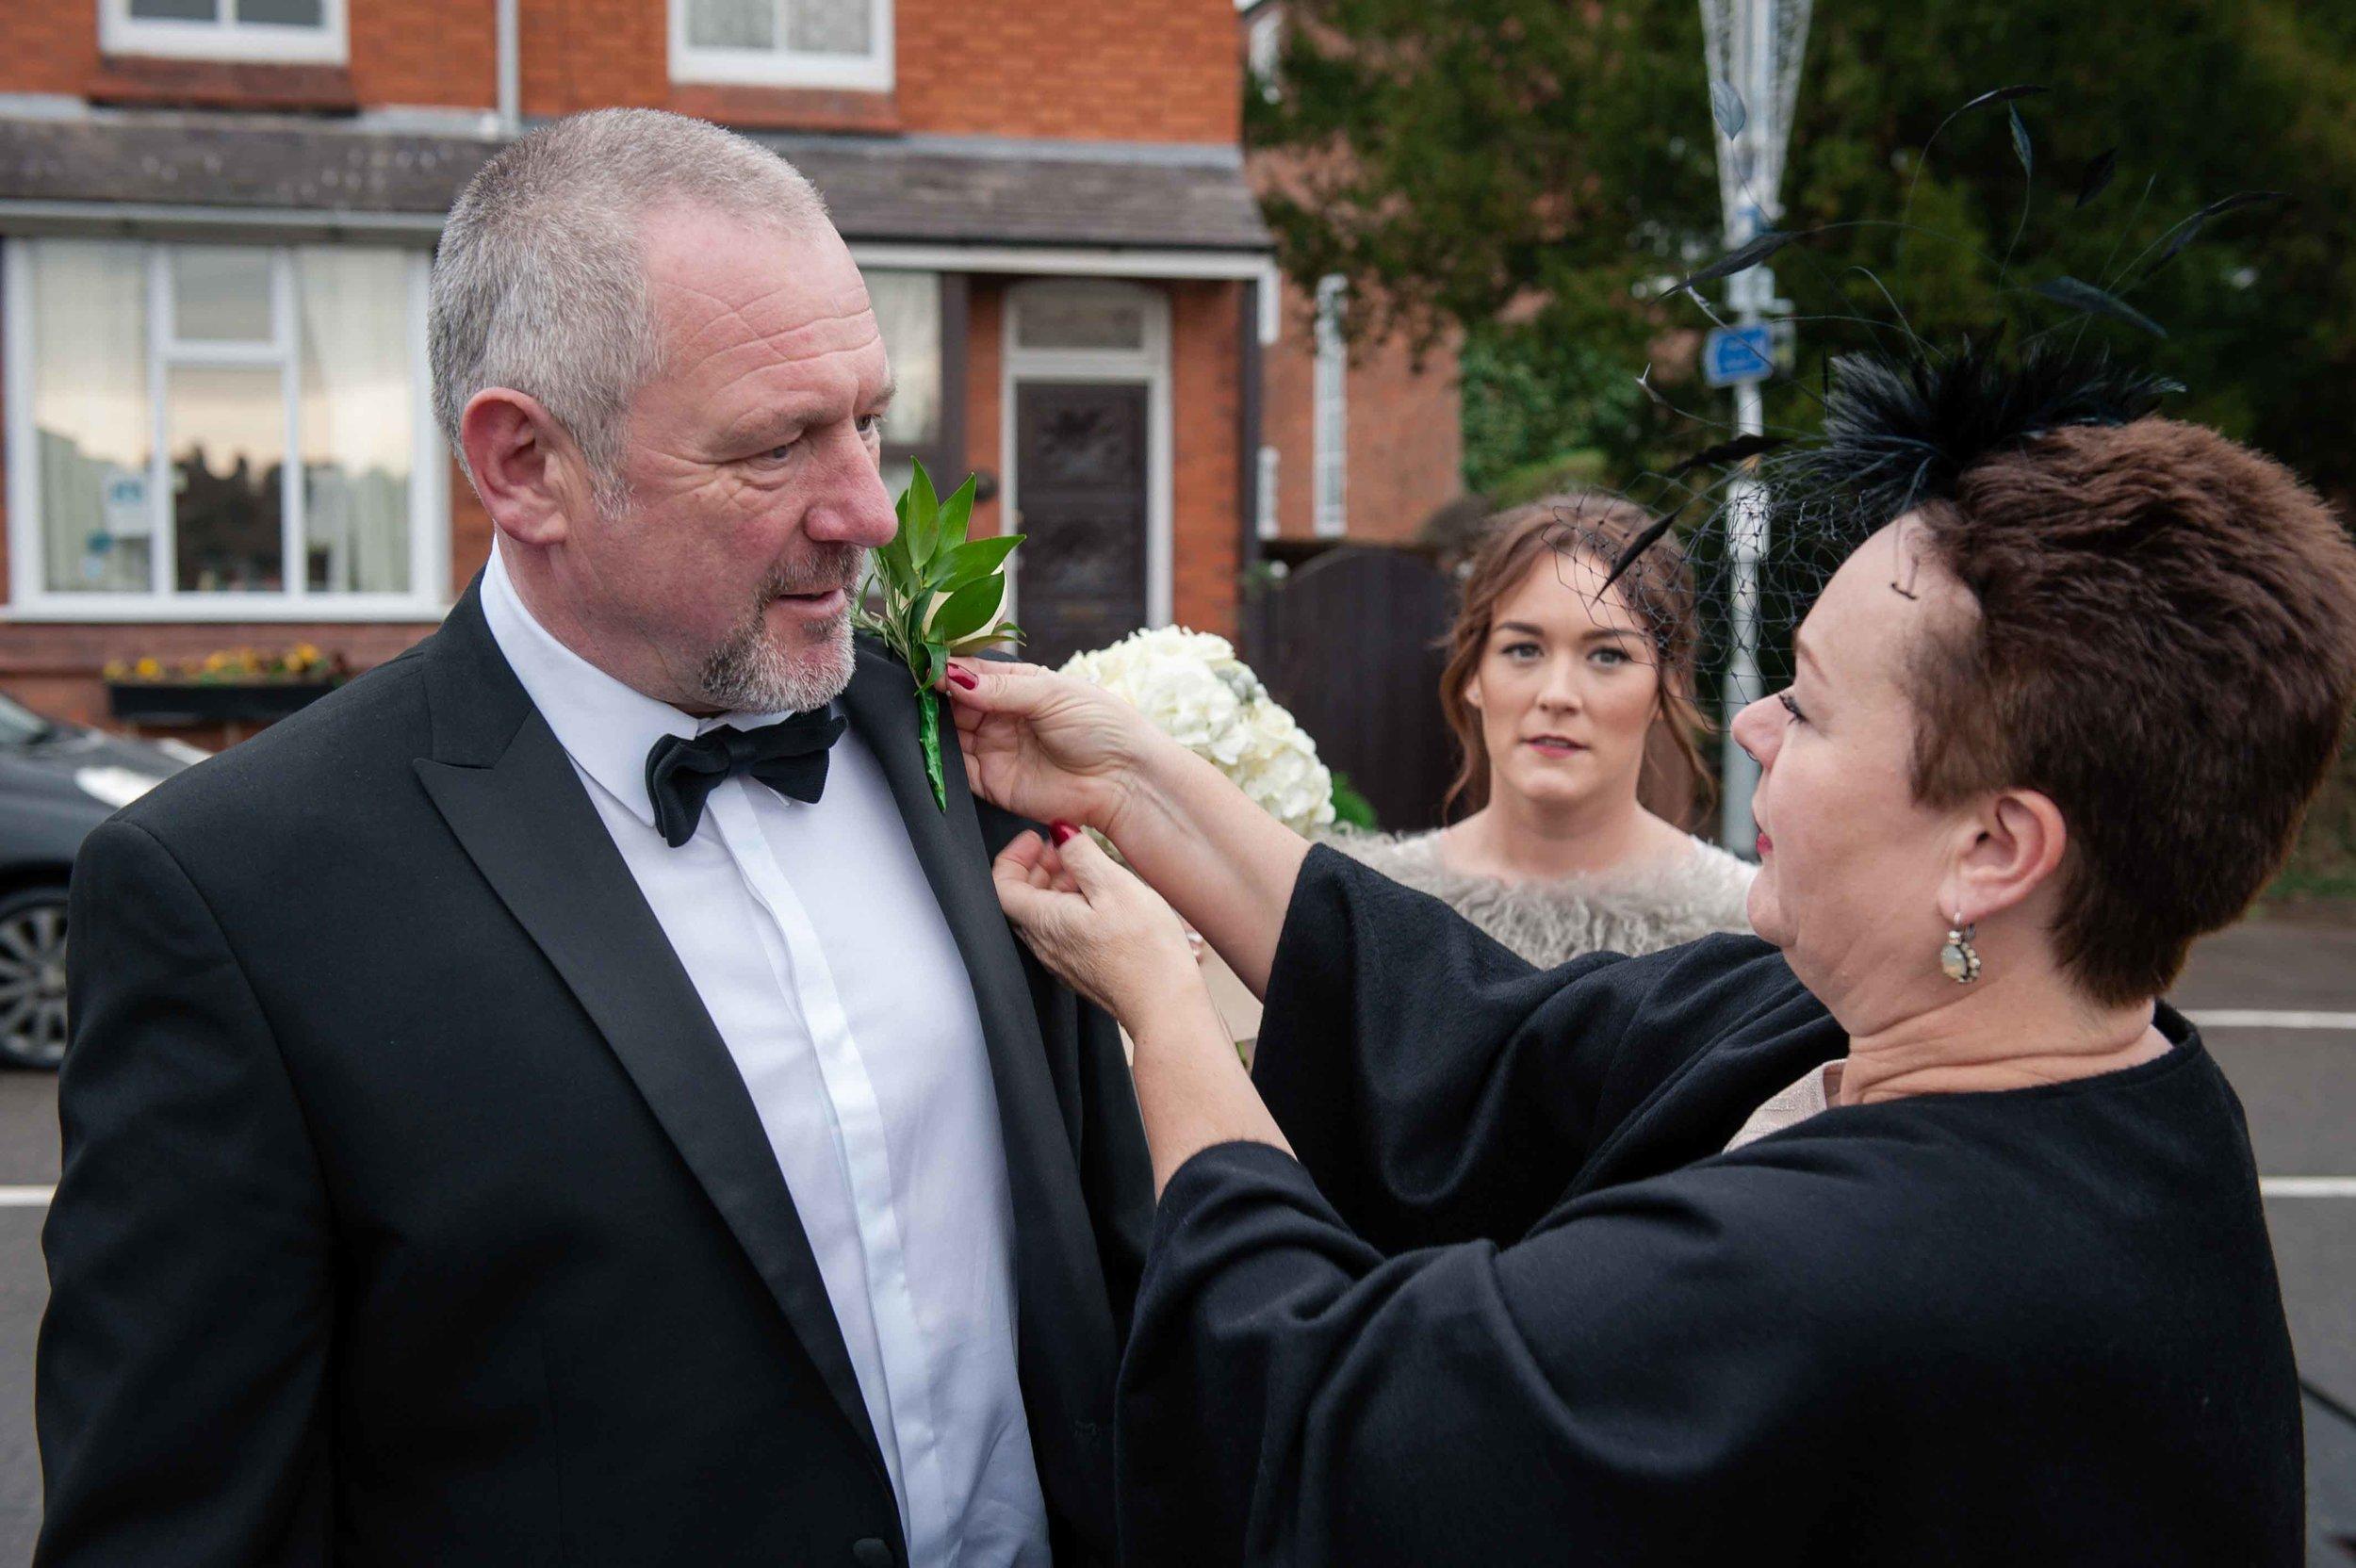 Charnwood-Weddings-Matt-Lucy-1022.jpg